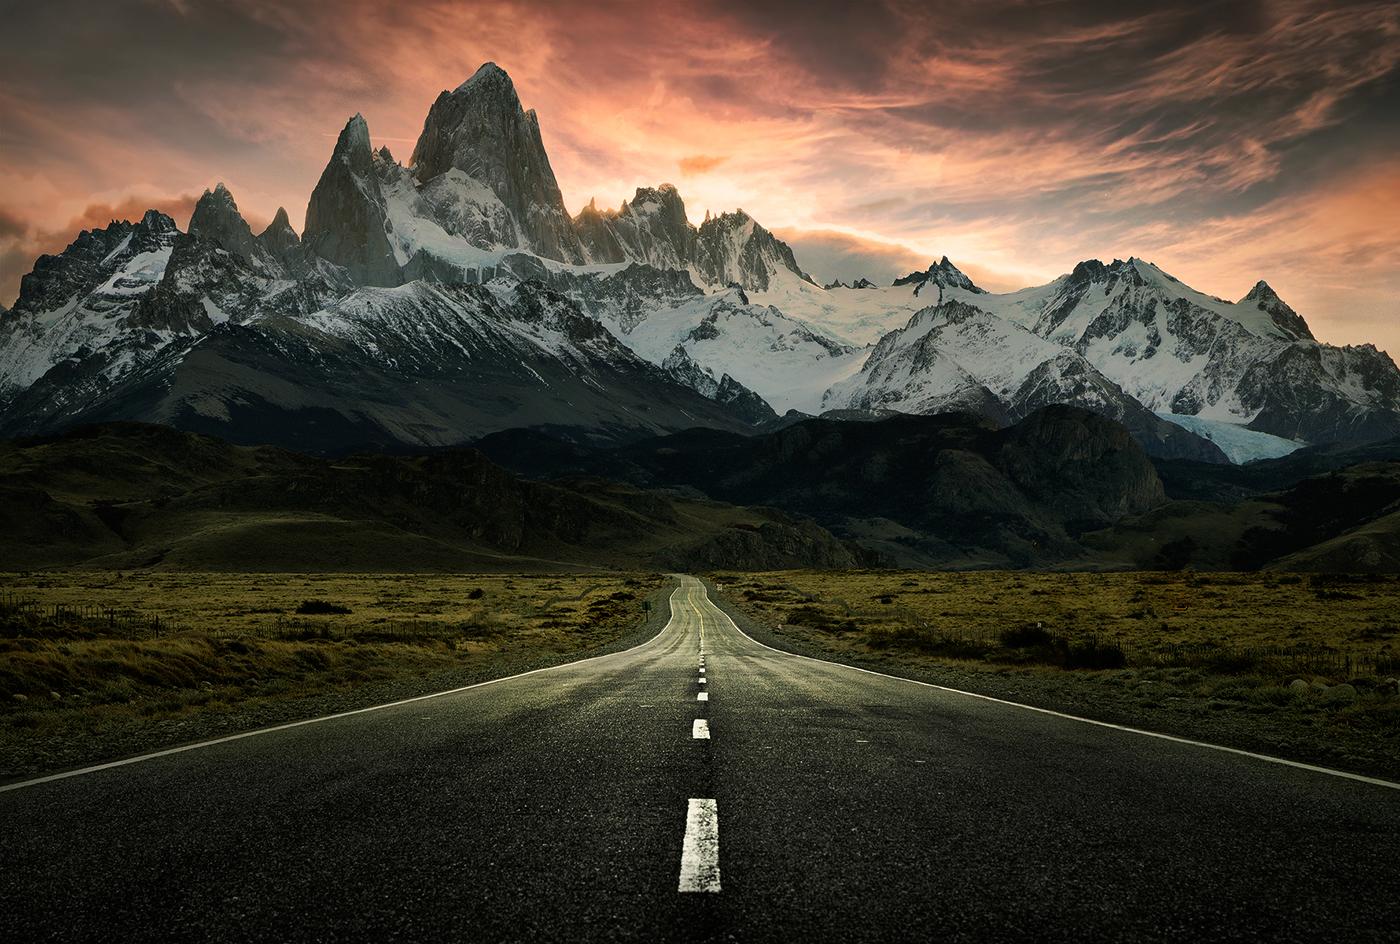 Fotografi Landscape Wallpaper Pemandangan Alam Ukuran HD gunug dan jalan di Es